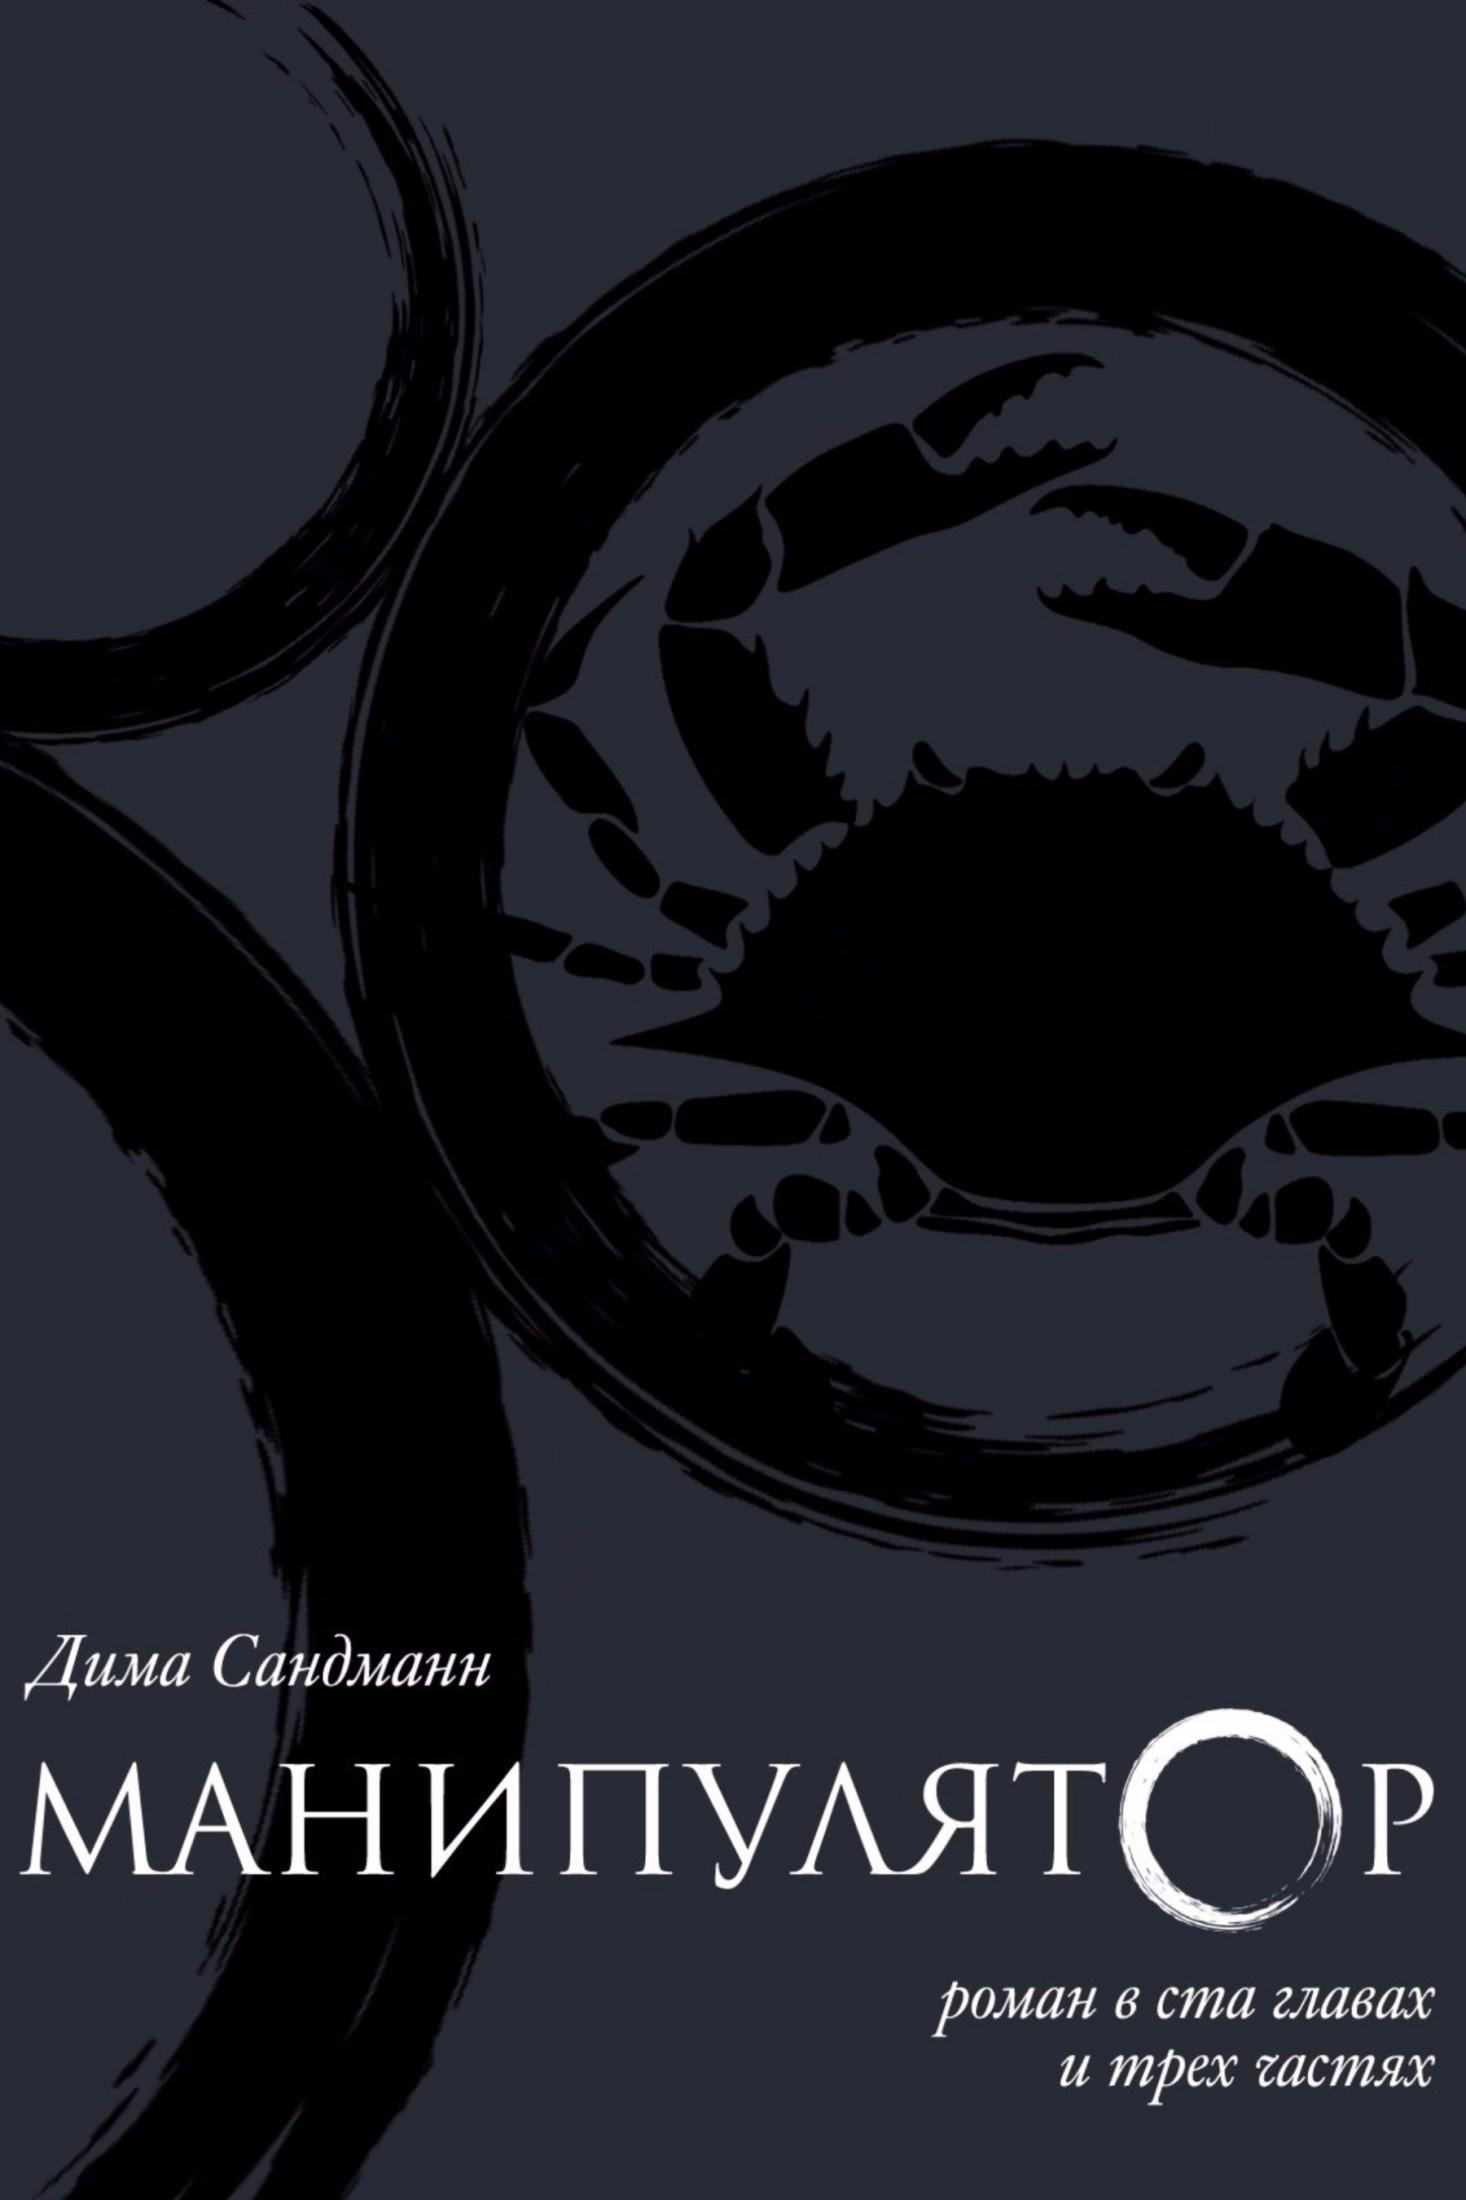 Дима Сандманн Манипулятор. Глава 057 дима сандманн манипулятор глава 046